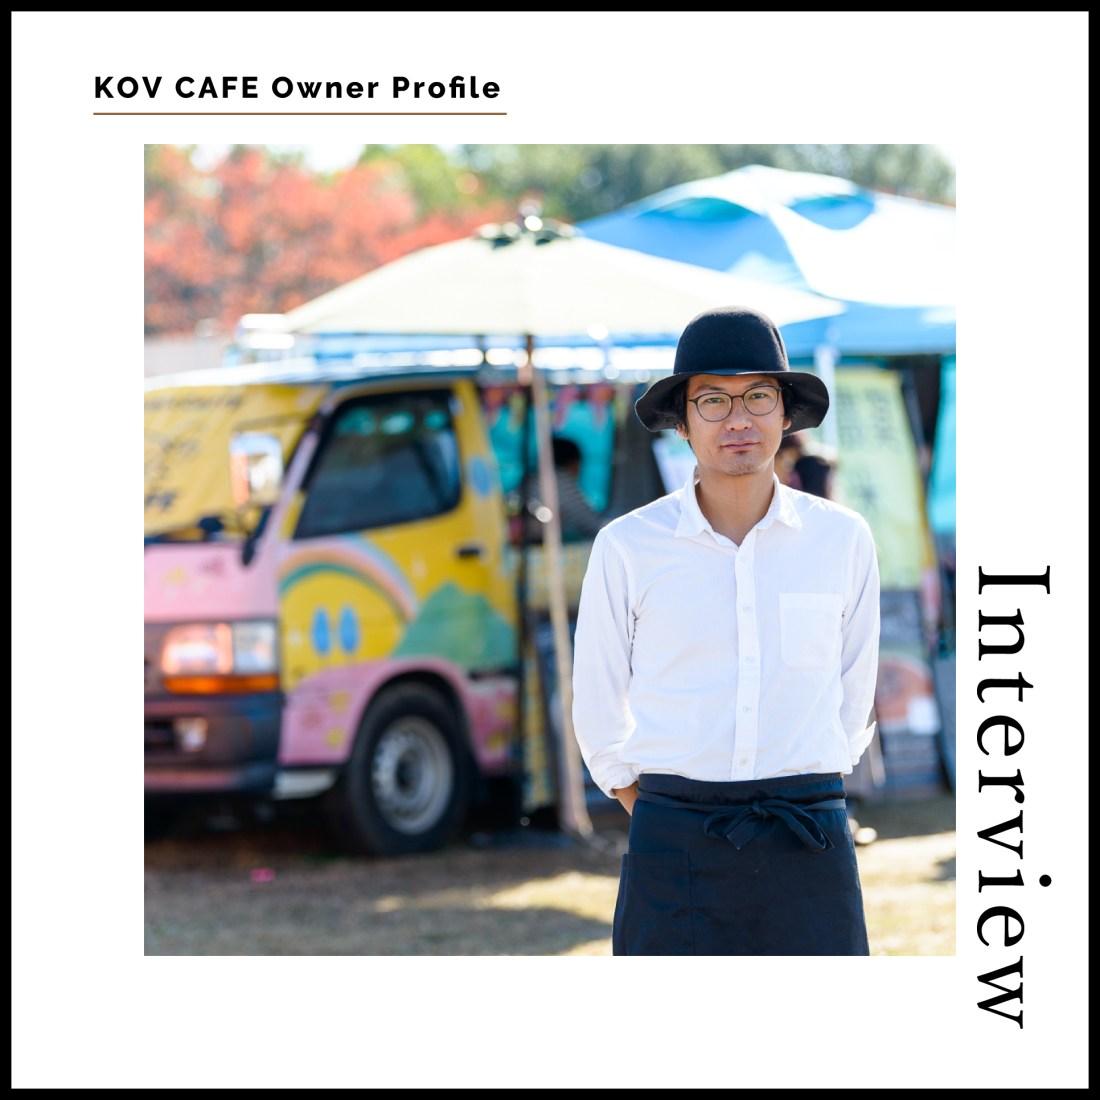 大阪を中心に東京や九州など全国へイベント出店、無農薬玄米カレー、カレースパイス販売などを行うKOV CAFEのオーナー、小藪貴士のプロフィール写真